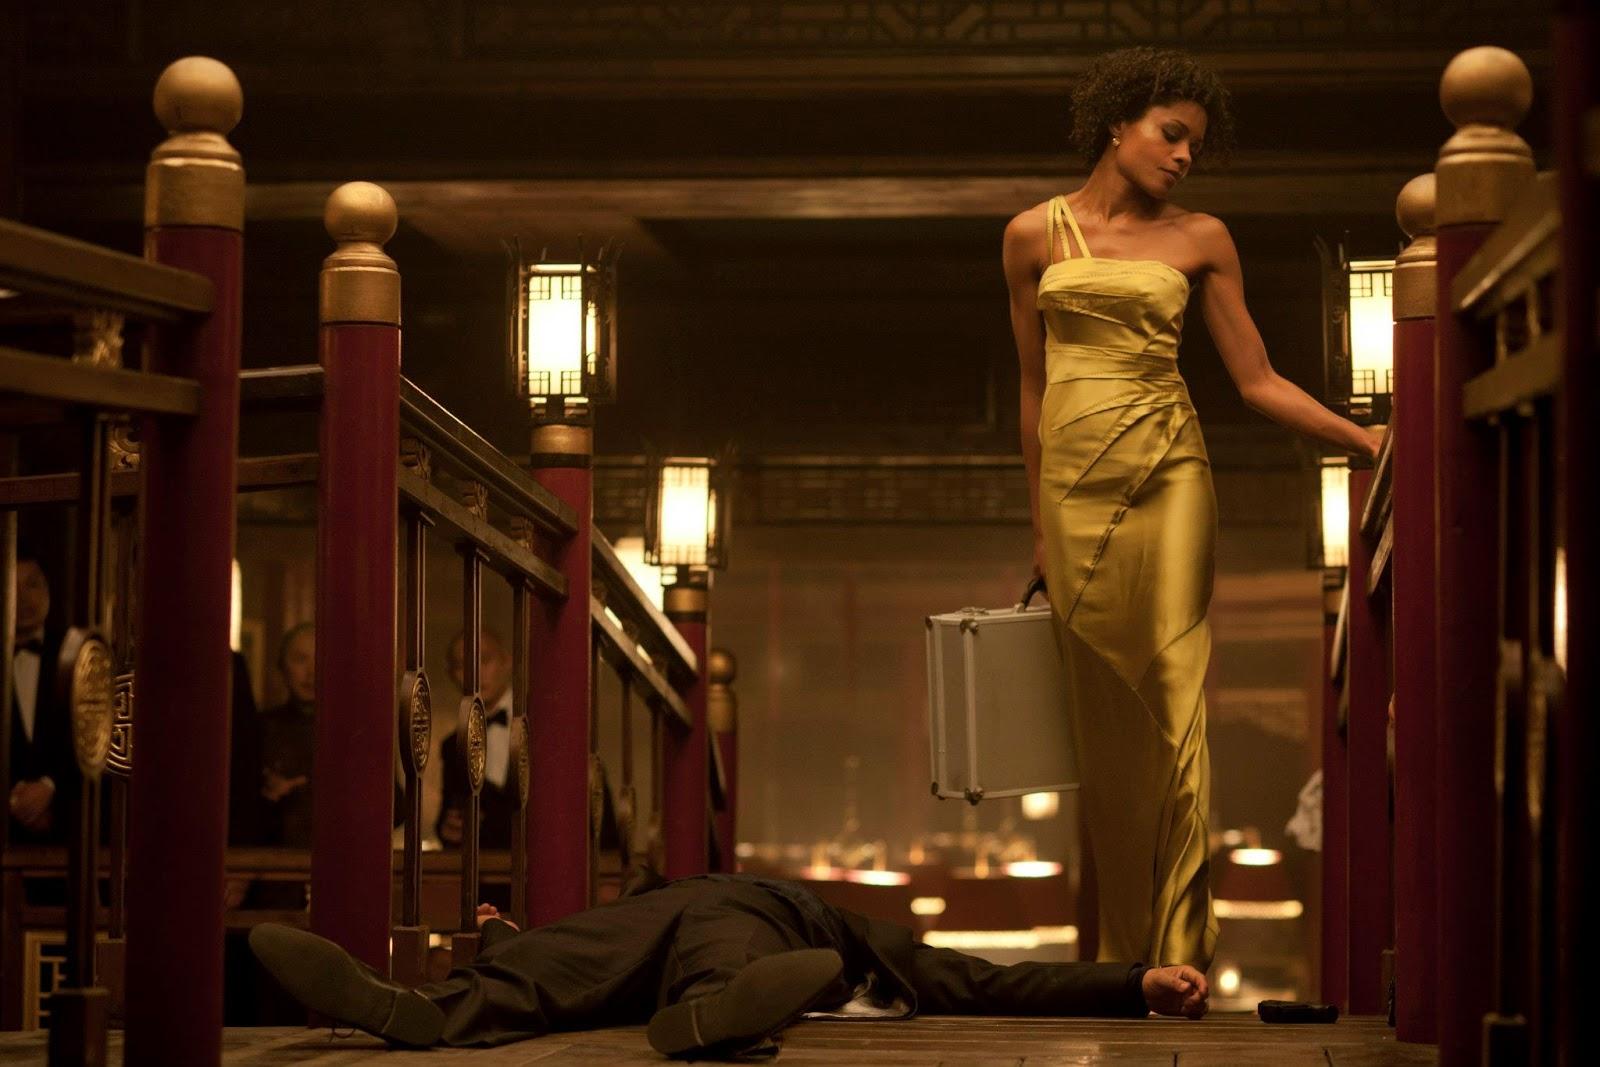 skyfall 2012 british filmmaker sam mendes 39 espionage film starring daniel craig as james bond. Black Bedroom Furniture Sets. Home Design Ideas